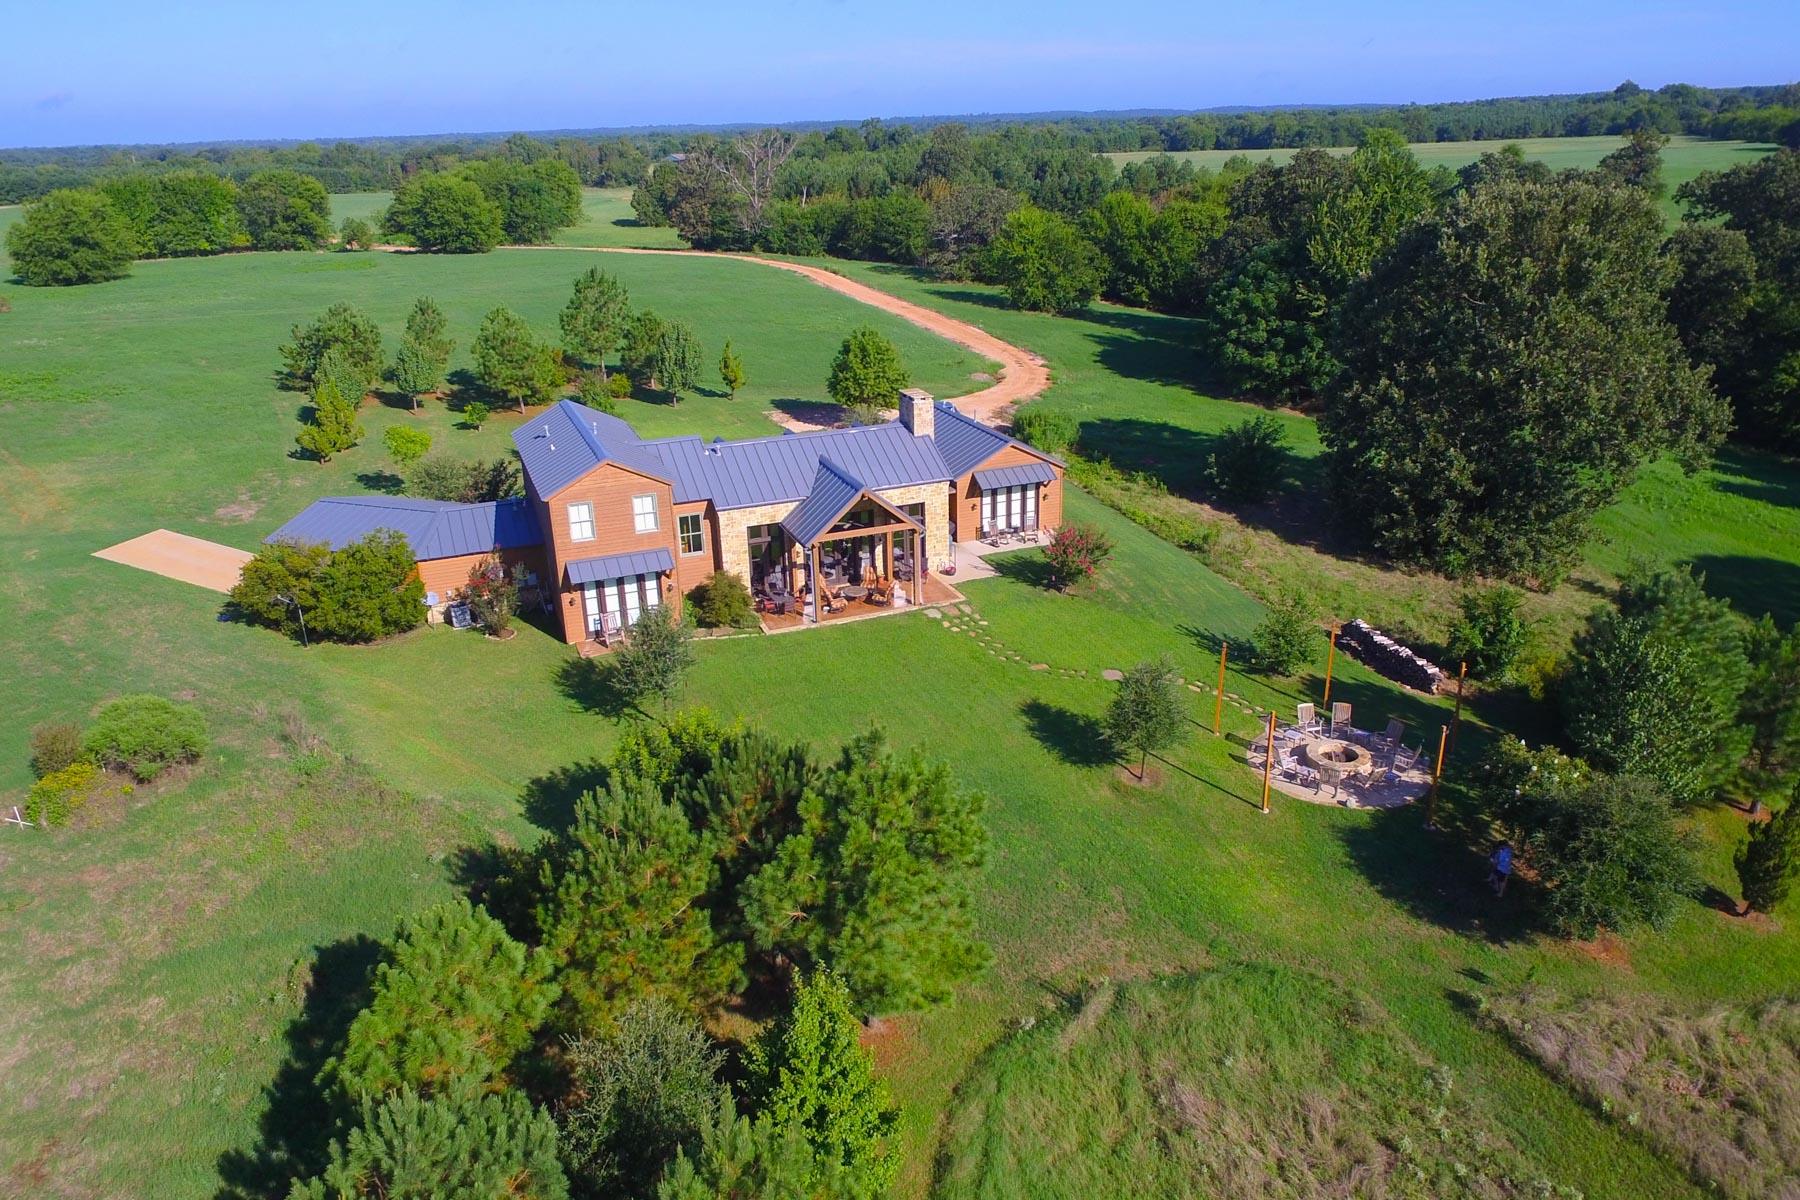 一戸建て のために 売買 アット Cross Pines Ranch 1002 PR 7892 Mineola, テキサス 75773 アメリカ合衆国